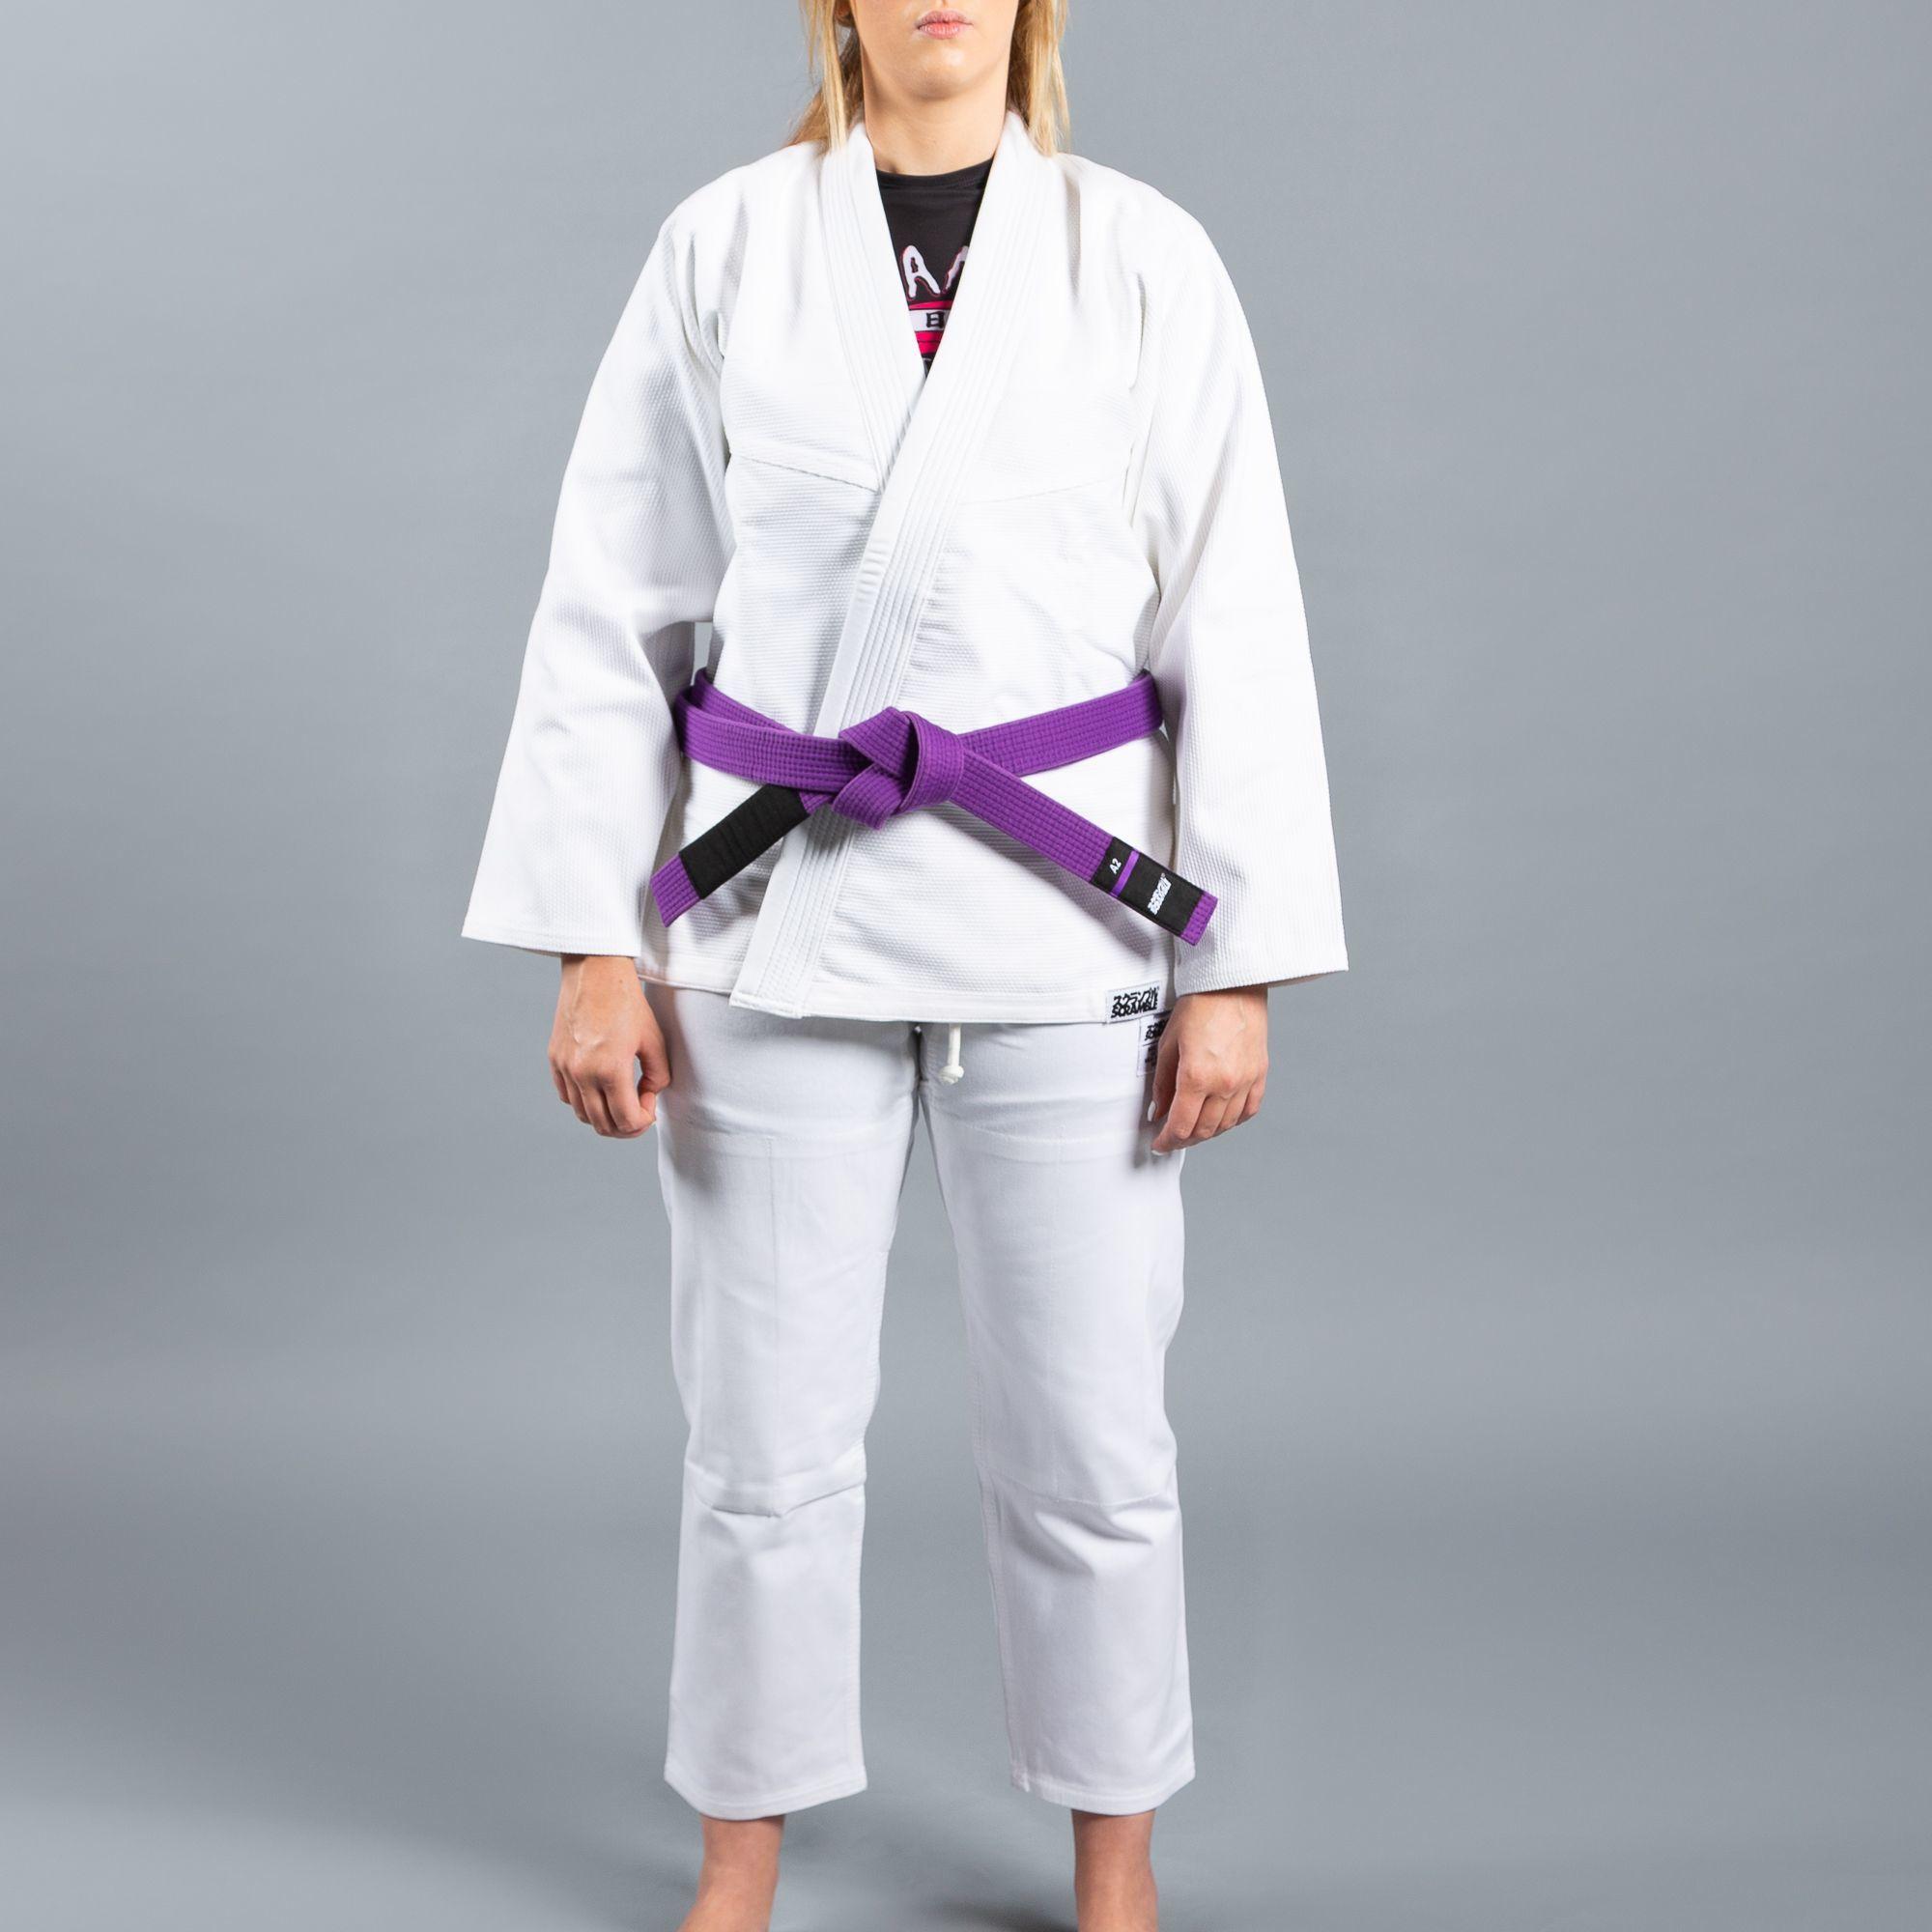 女性用 SCRAMBLE STANDARD ISSUE V2 柔術衣 – レディースカット  ホワイト